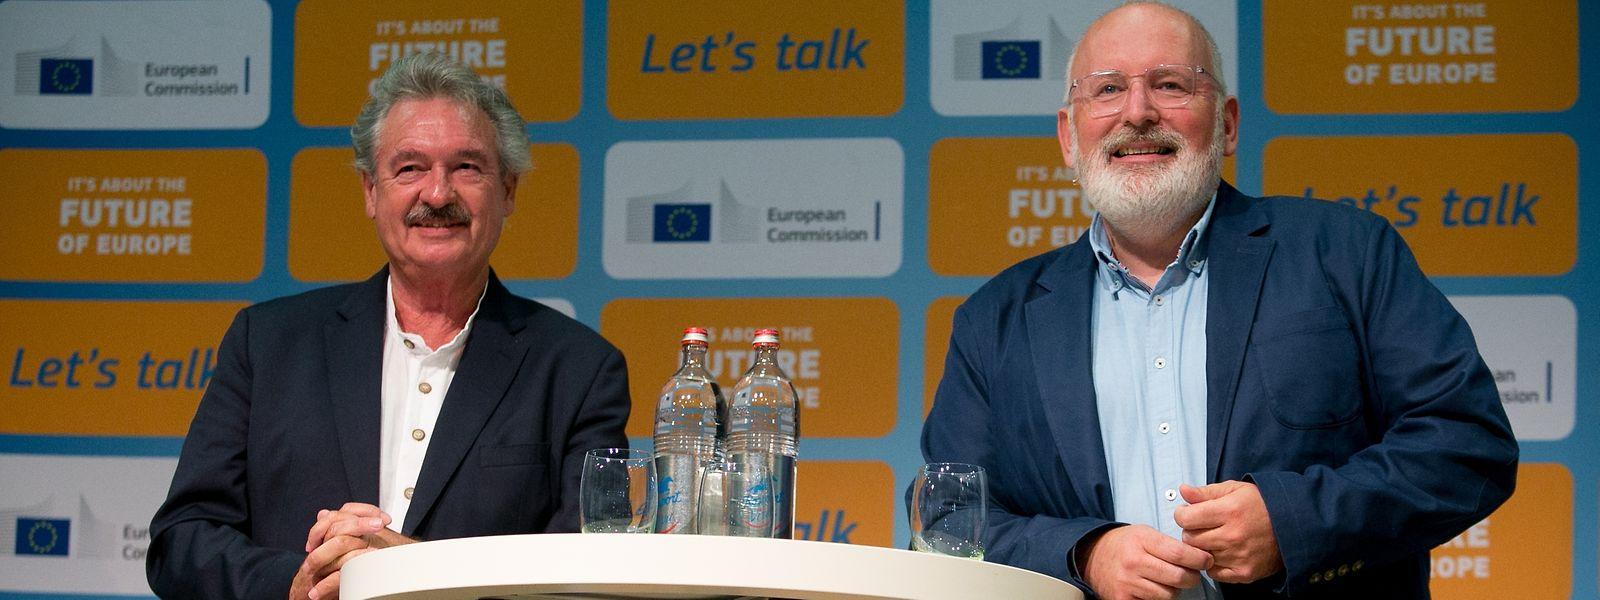 Jean Asselborn (à g.), ministre des Affaires étrangères et européennes et Frans Timmermans, premier vice-président de la Commission européenne.